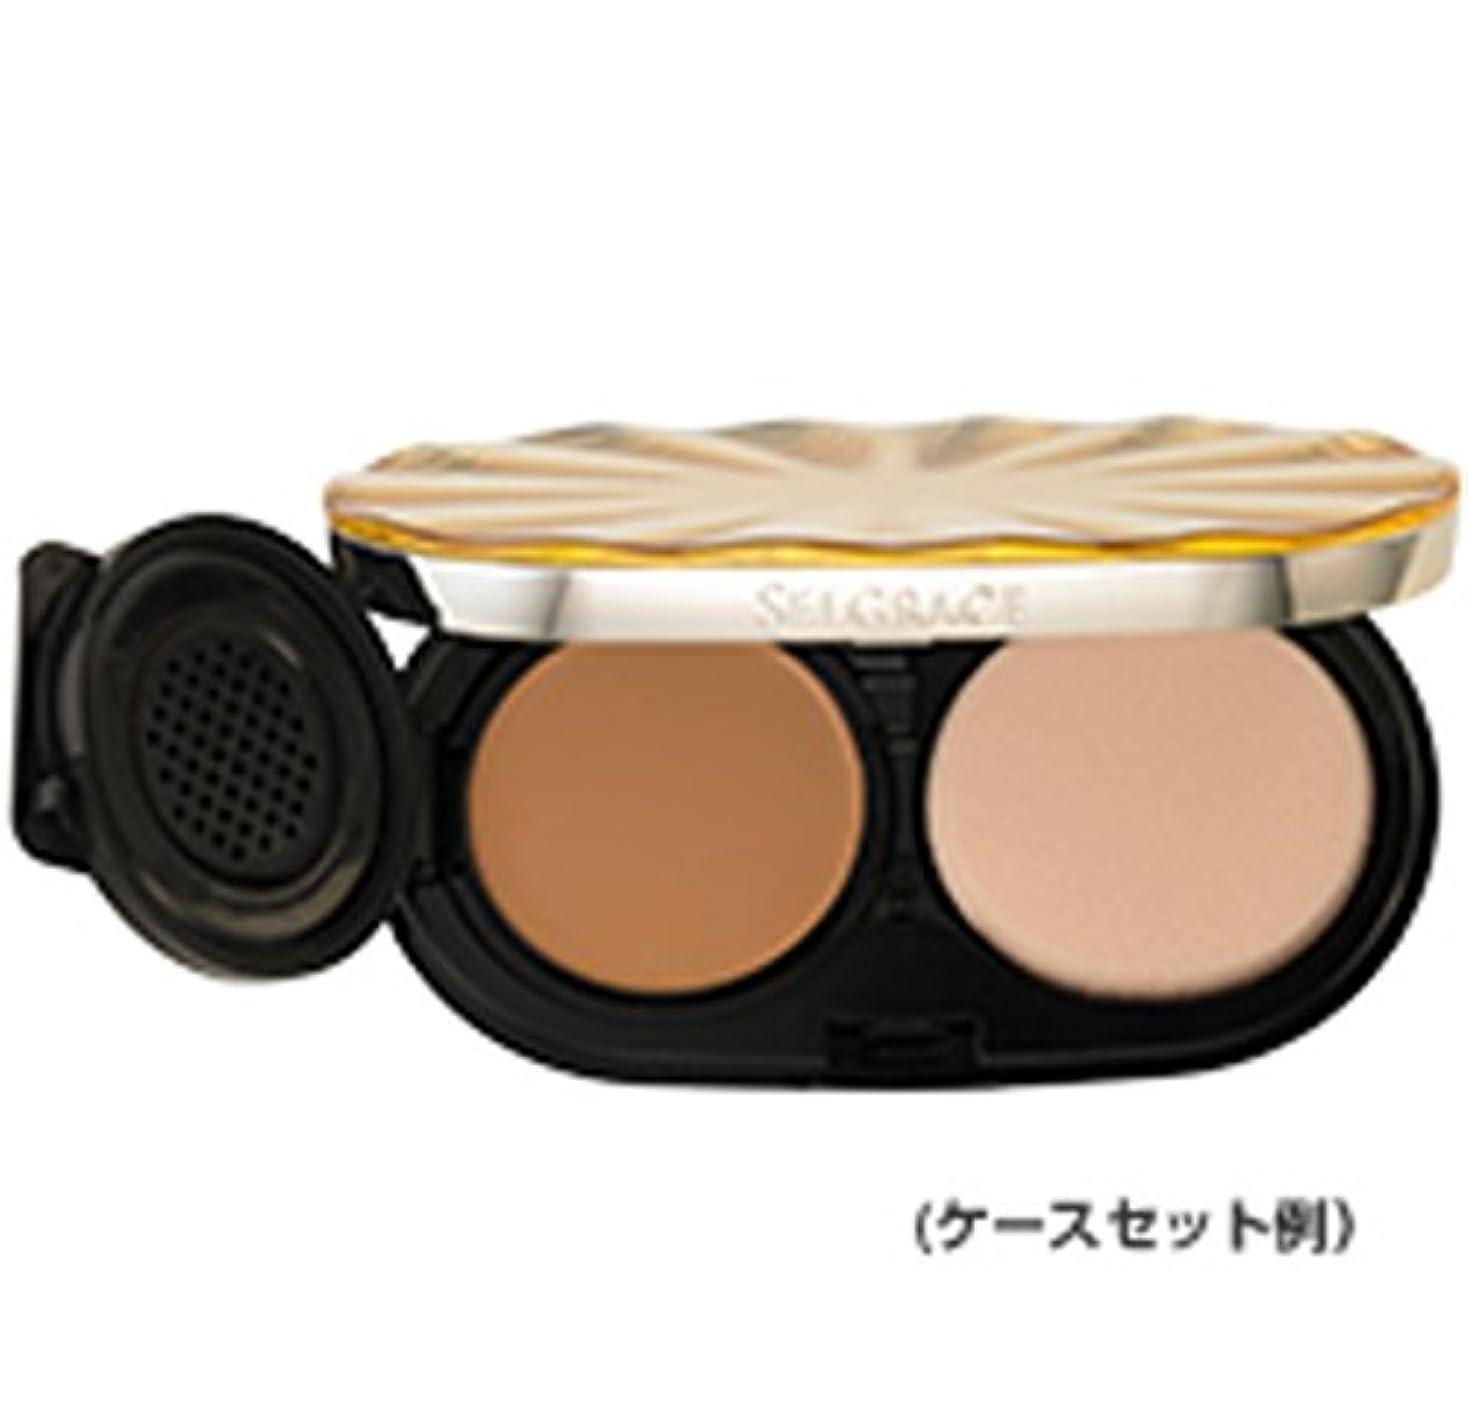 延期する妨げるニックネームナリス化粧品 セルグレース ベースインパクト ファンデーション 130 ライトピンクベージュ レフィル (スポンジ付き)